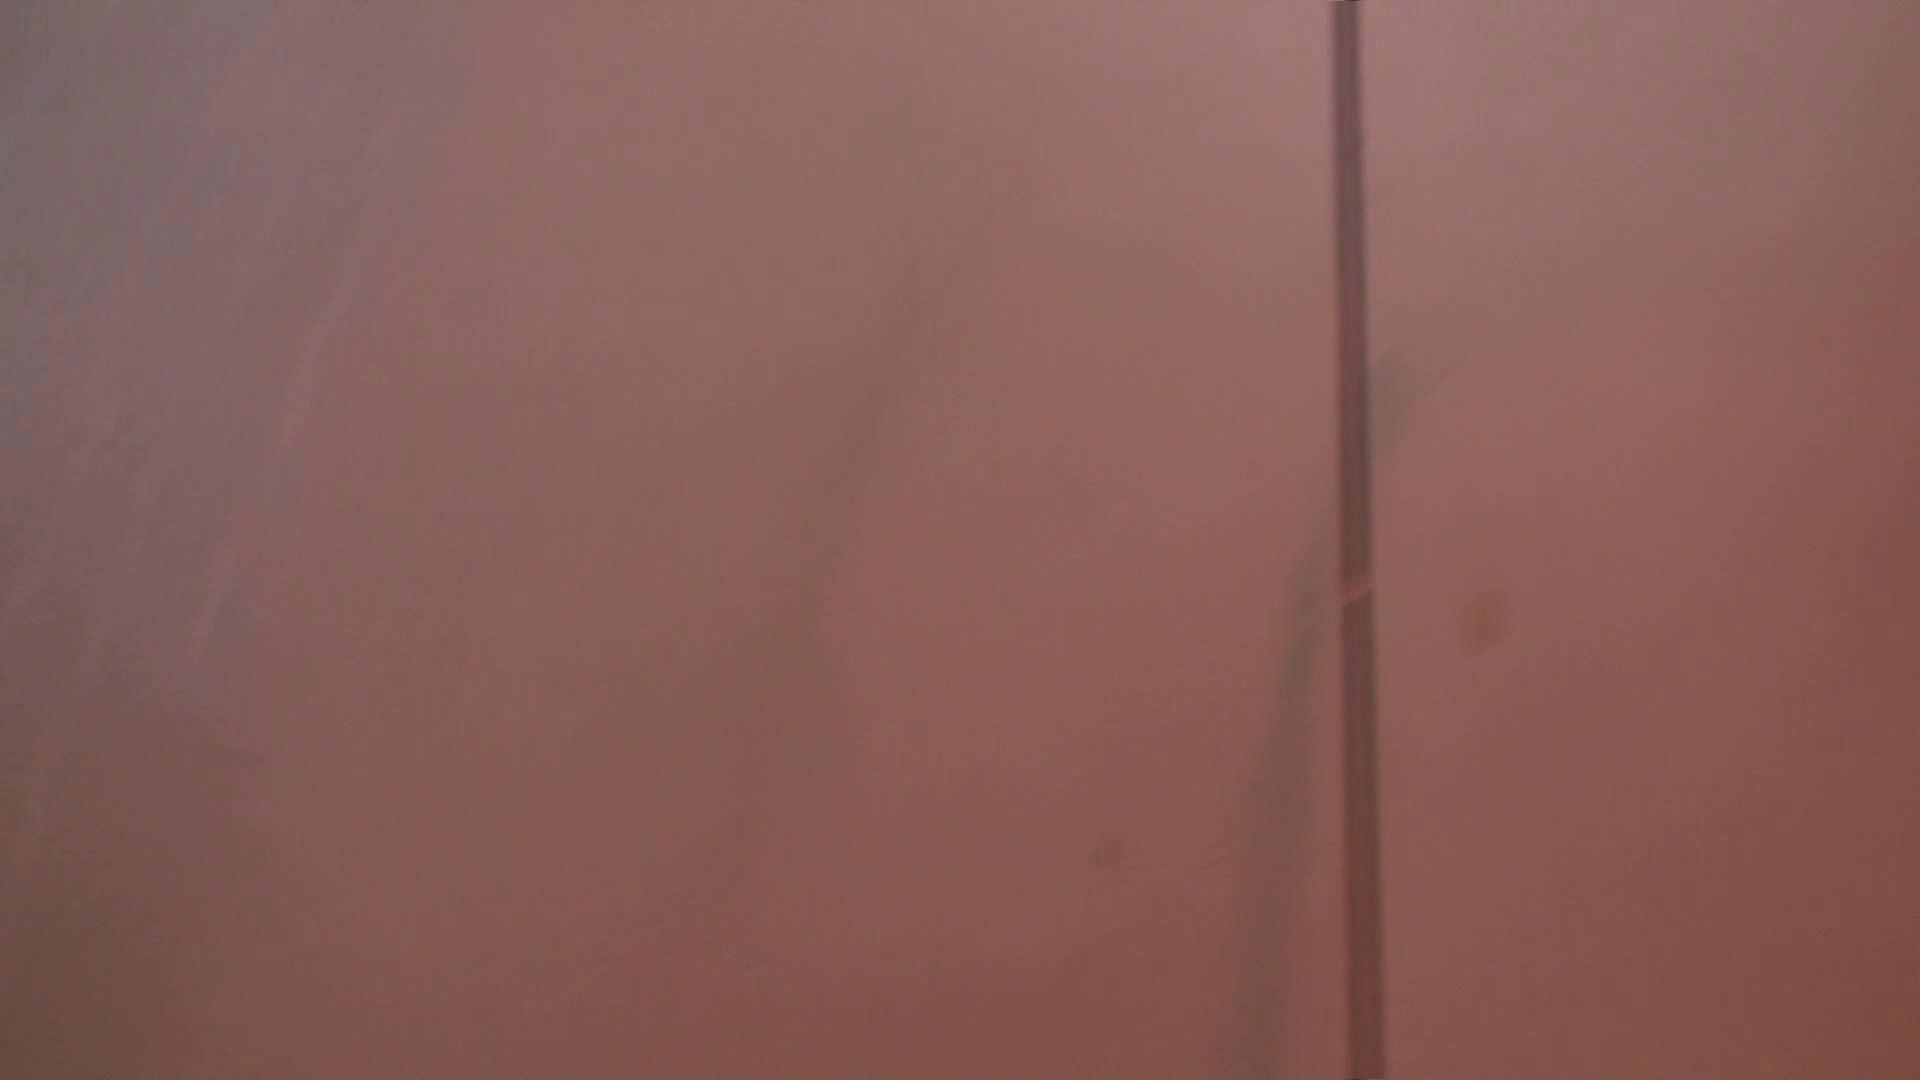 雅さんの独断と偏見で集めた動画集 Vol.9 期間限定 | OLセックス  64画像 15